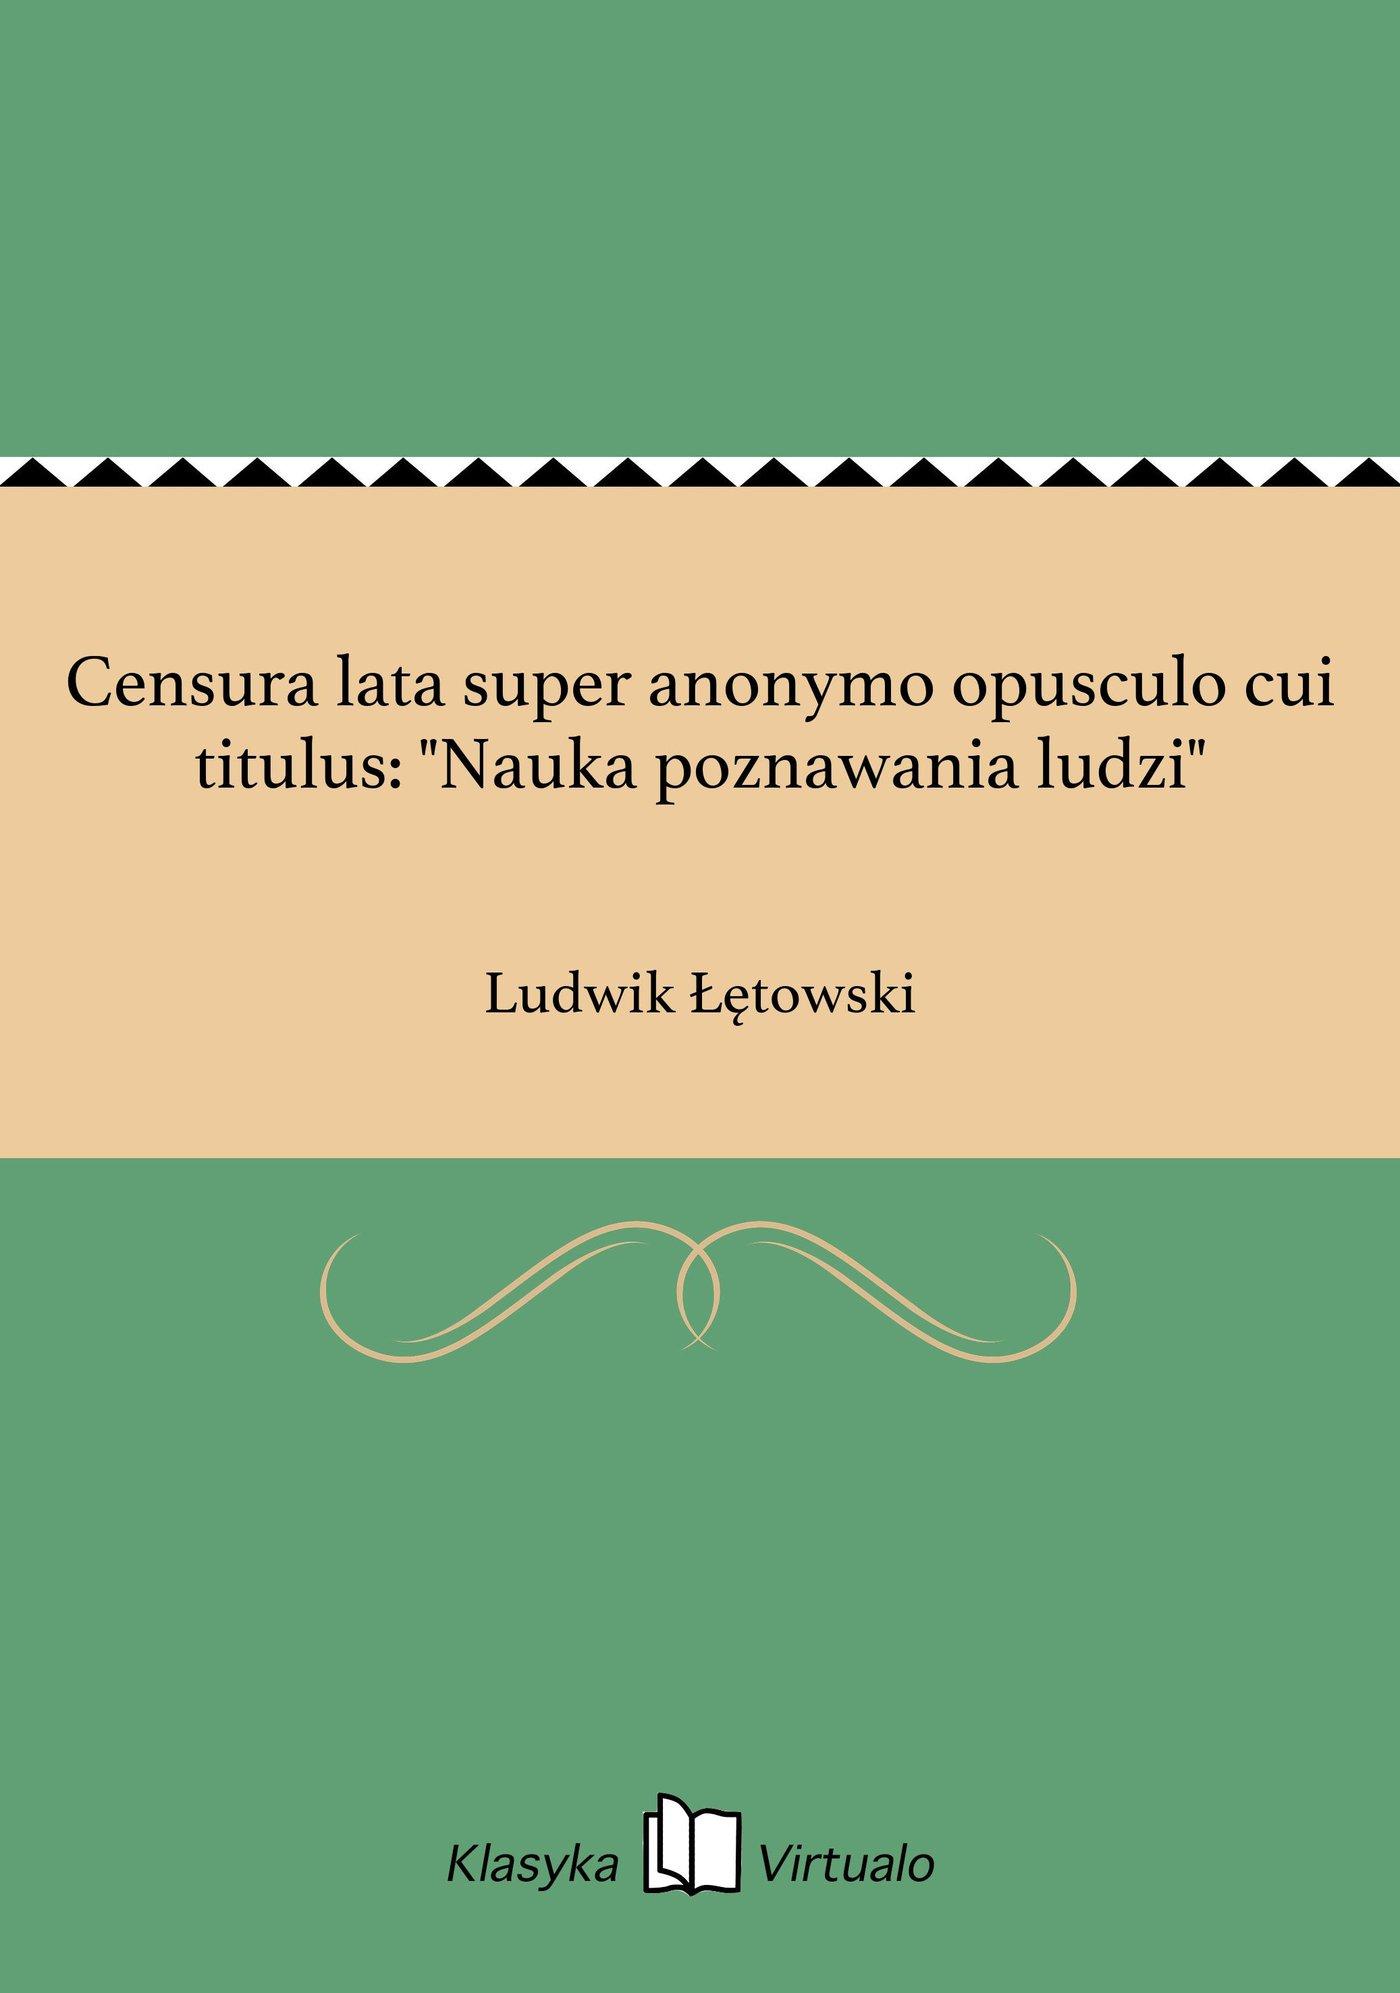 """Censura lata super anonymo opusculo cui titulus: """"Nauka poznawania ludzi"""" - Ebook (Książka EPUB) do pobrania w formacie EPUB"""